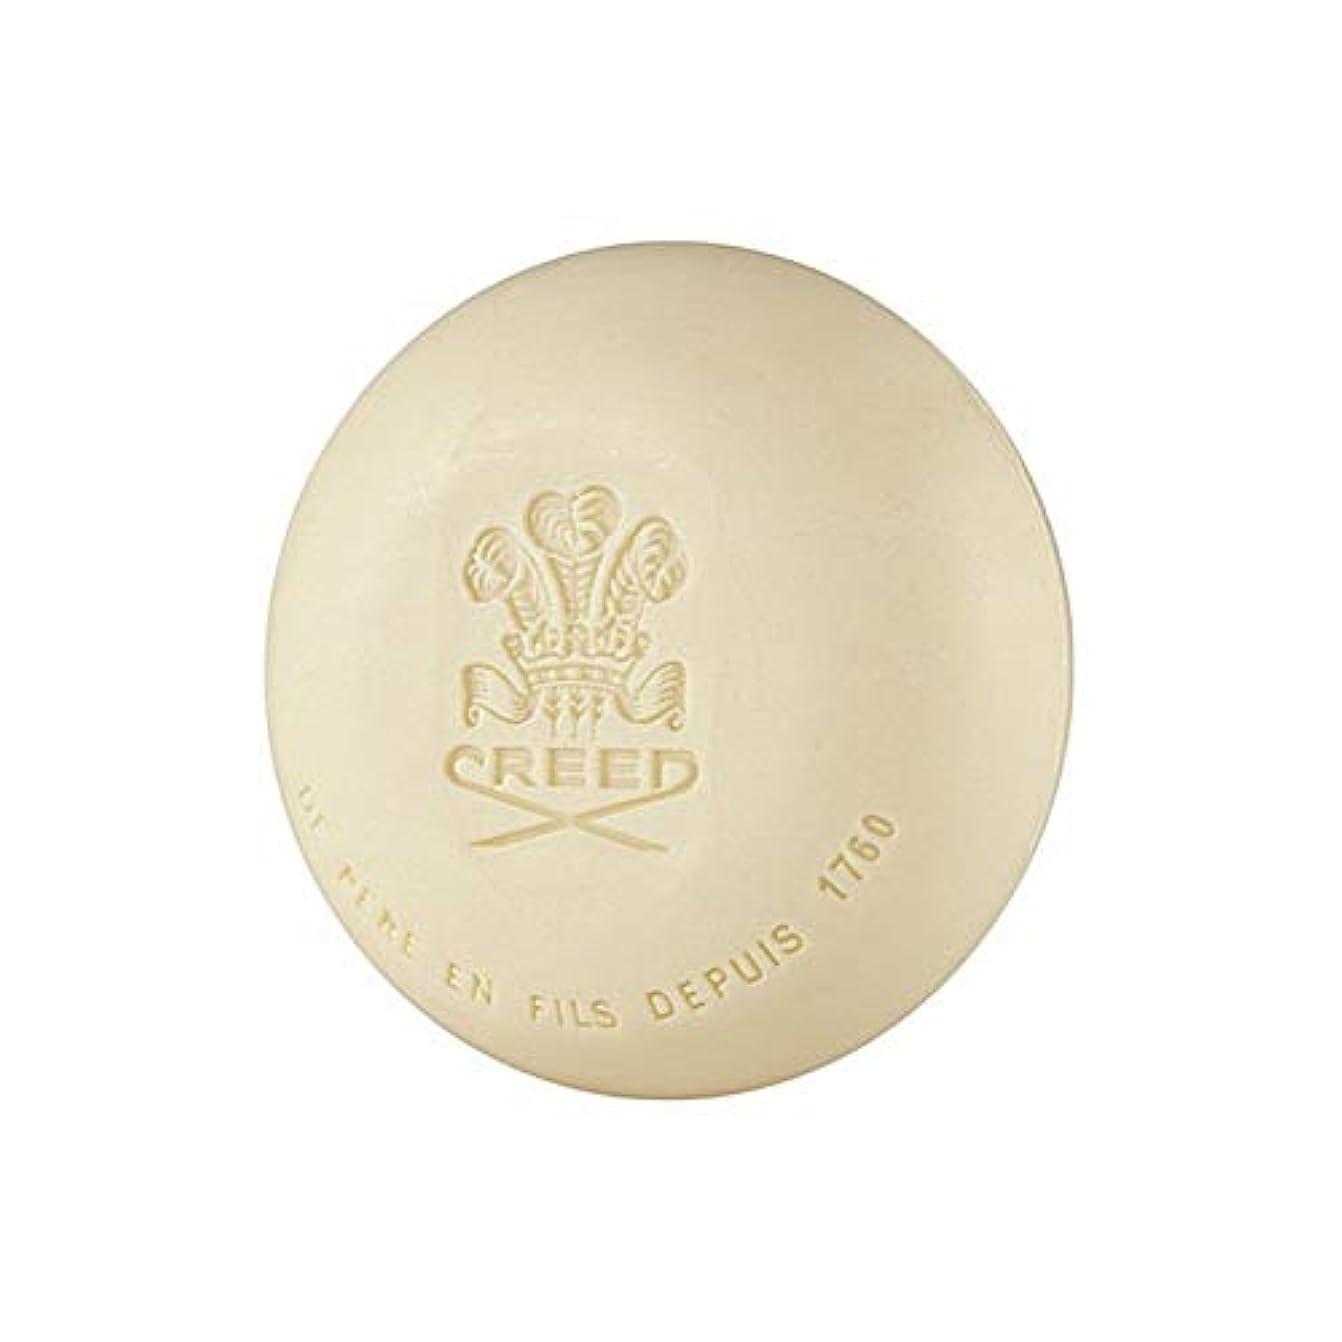 非常に白内障ハンディキャップ[Creed ] 信条元サンタル石鹸150グラム - Creed Original Santal Soap 150G [並行輸入品]